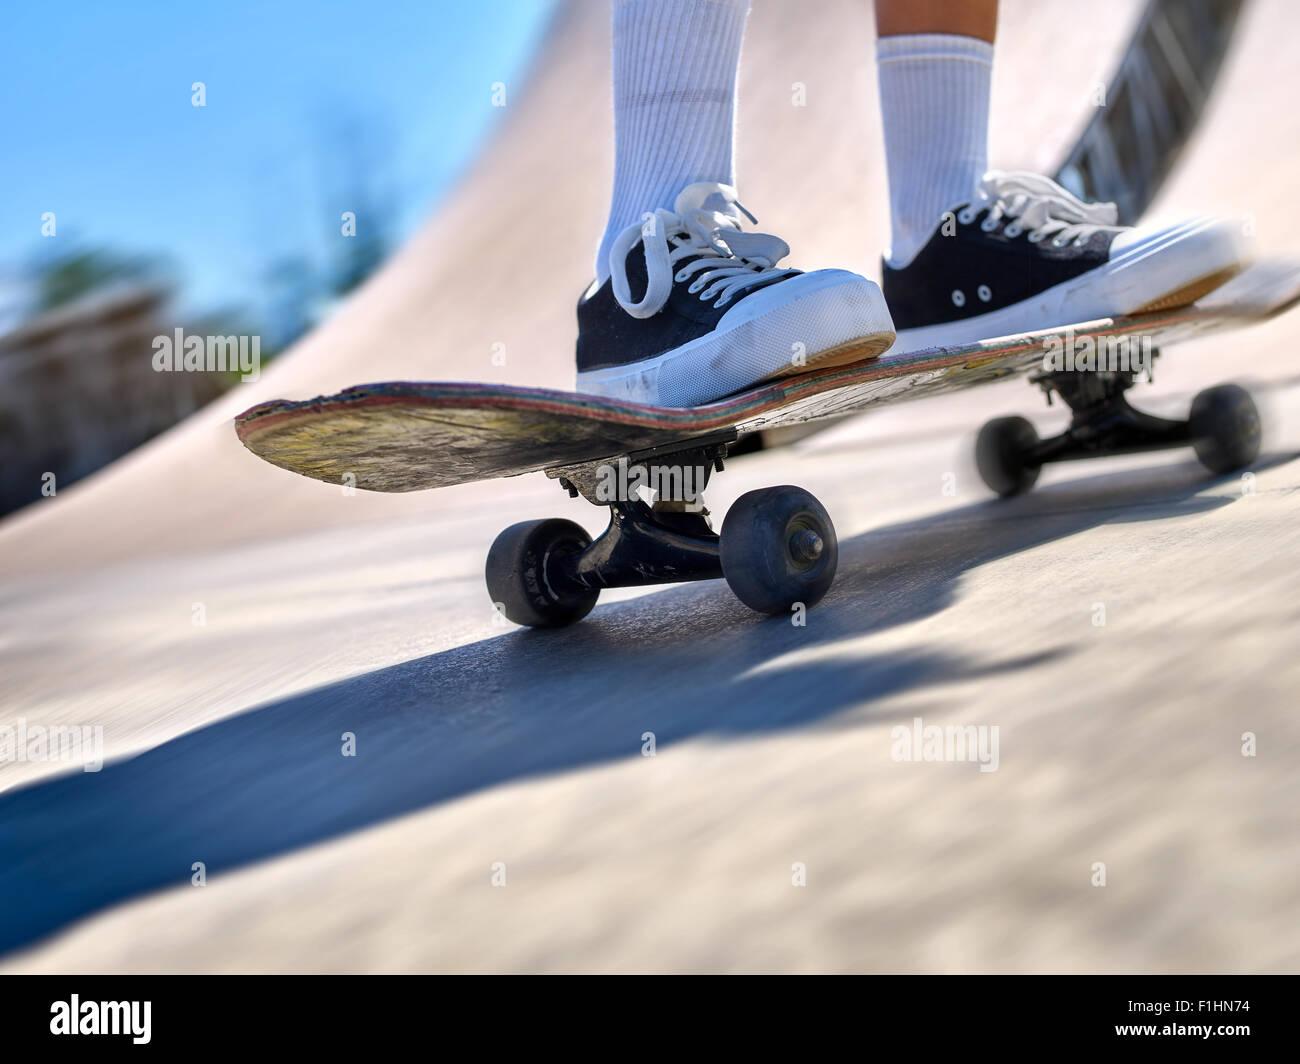 Beine Skateboard Skate Park hautnah. Niedrigen Bereich. Stockbild